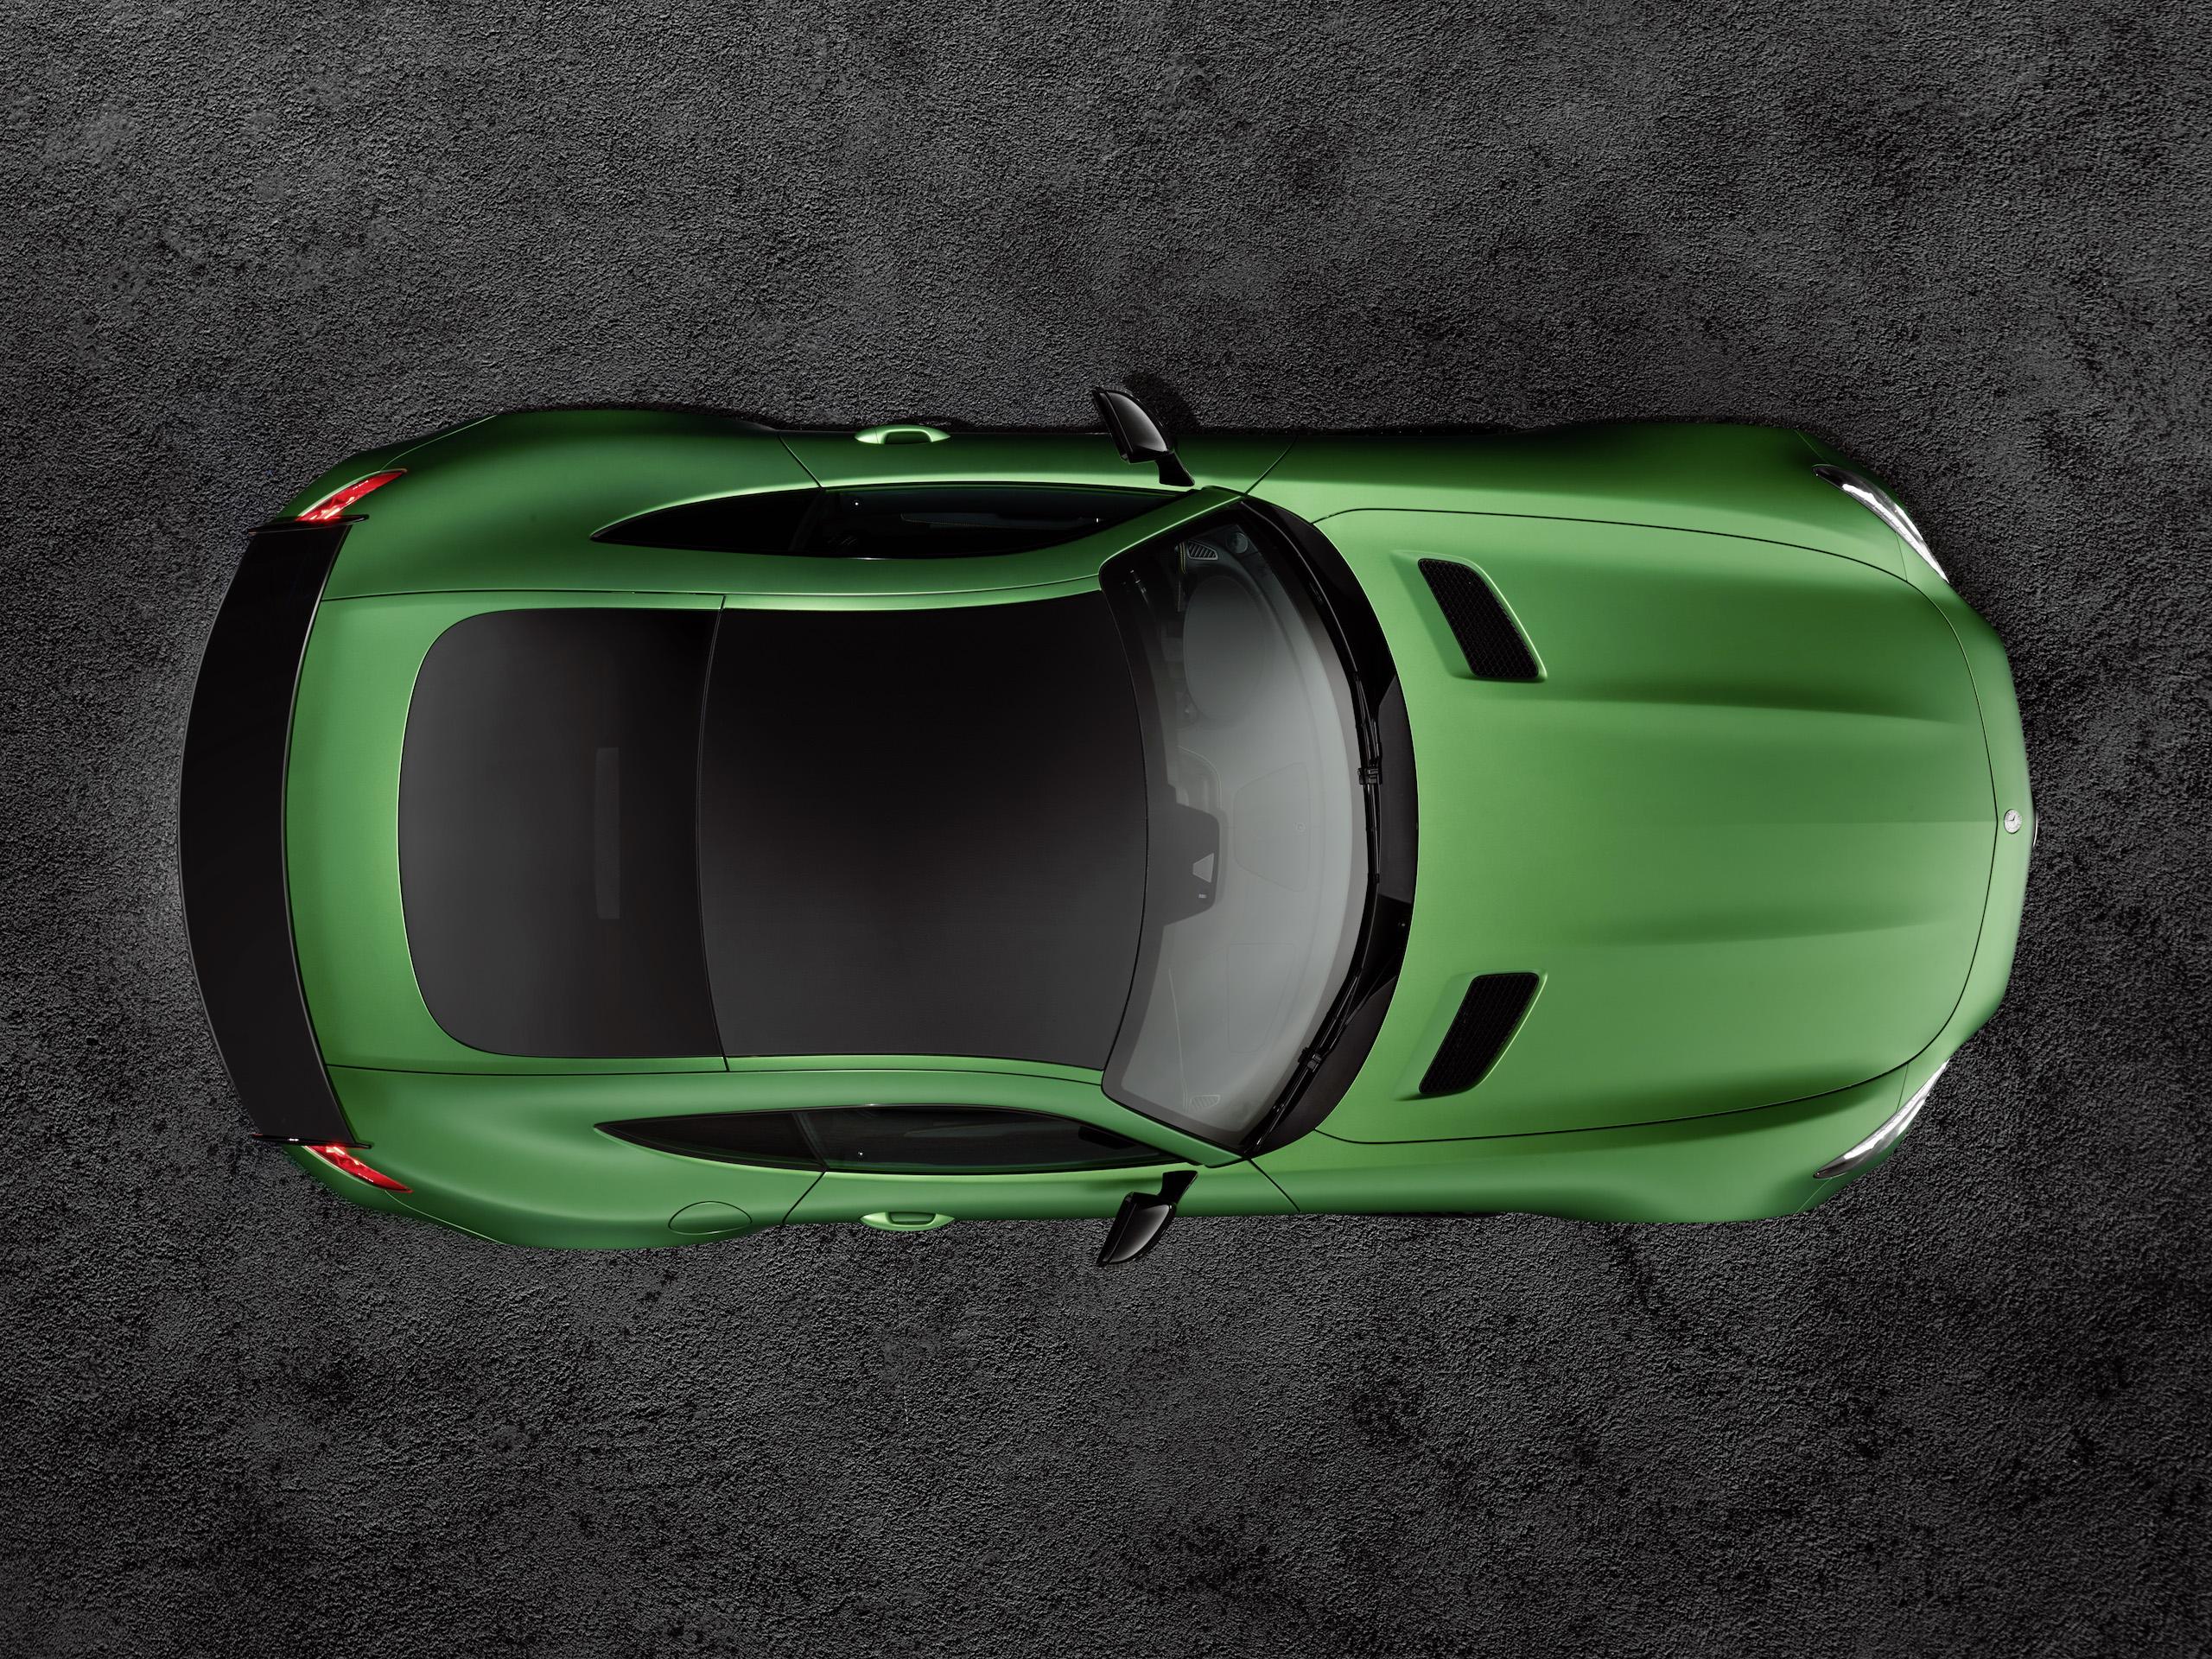 """Der Farbton heißt """"AMG green hell magno"""" und den gibt es nur für den Strich-R"""